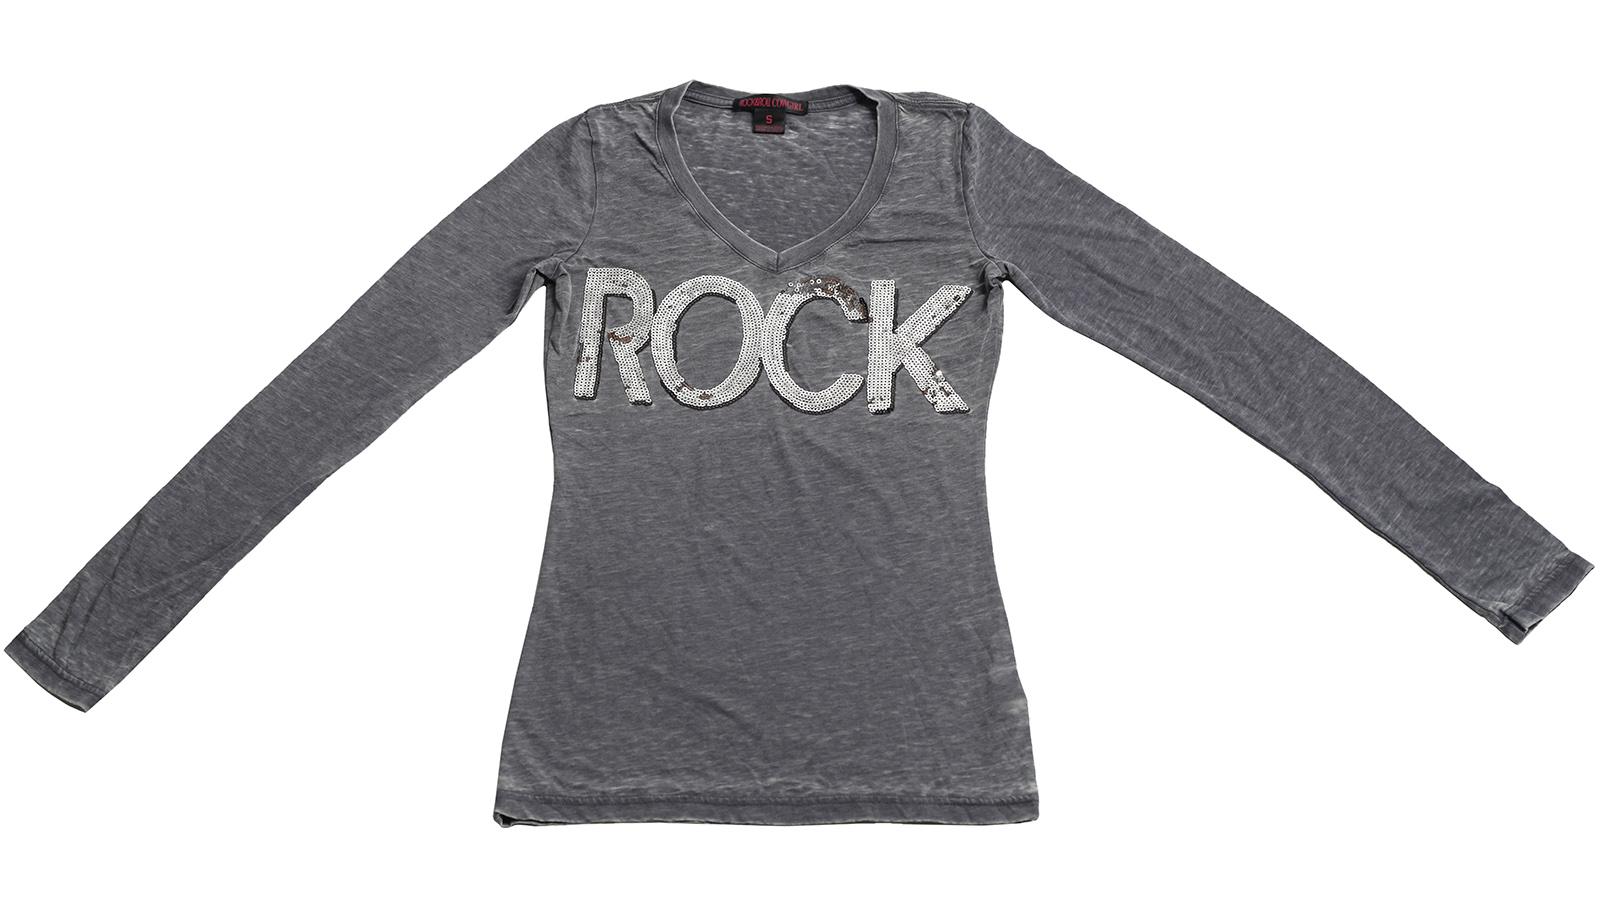 Серая кофточка Rock&Roll CowGirl. Приталенная модель для девушек с хорошим вкусом